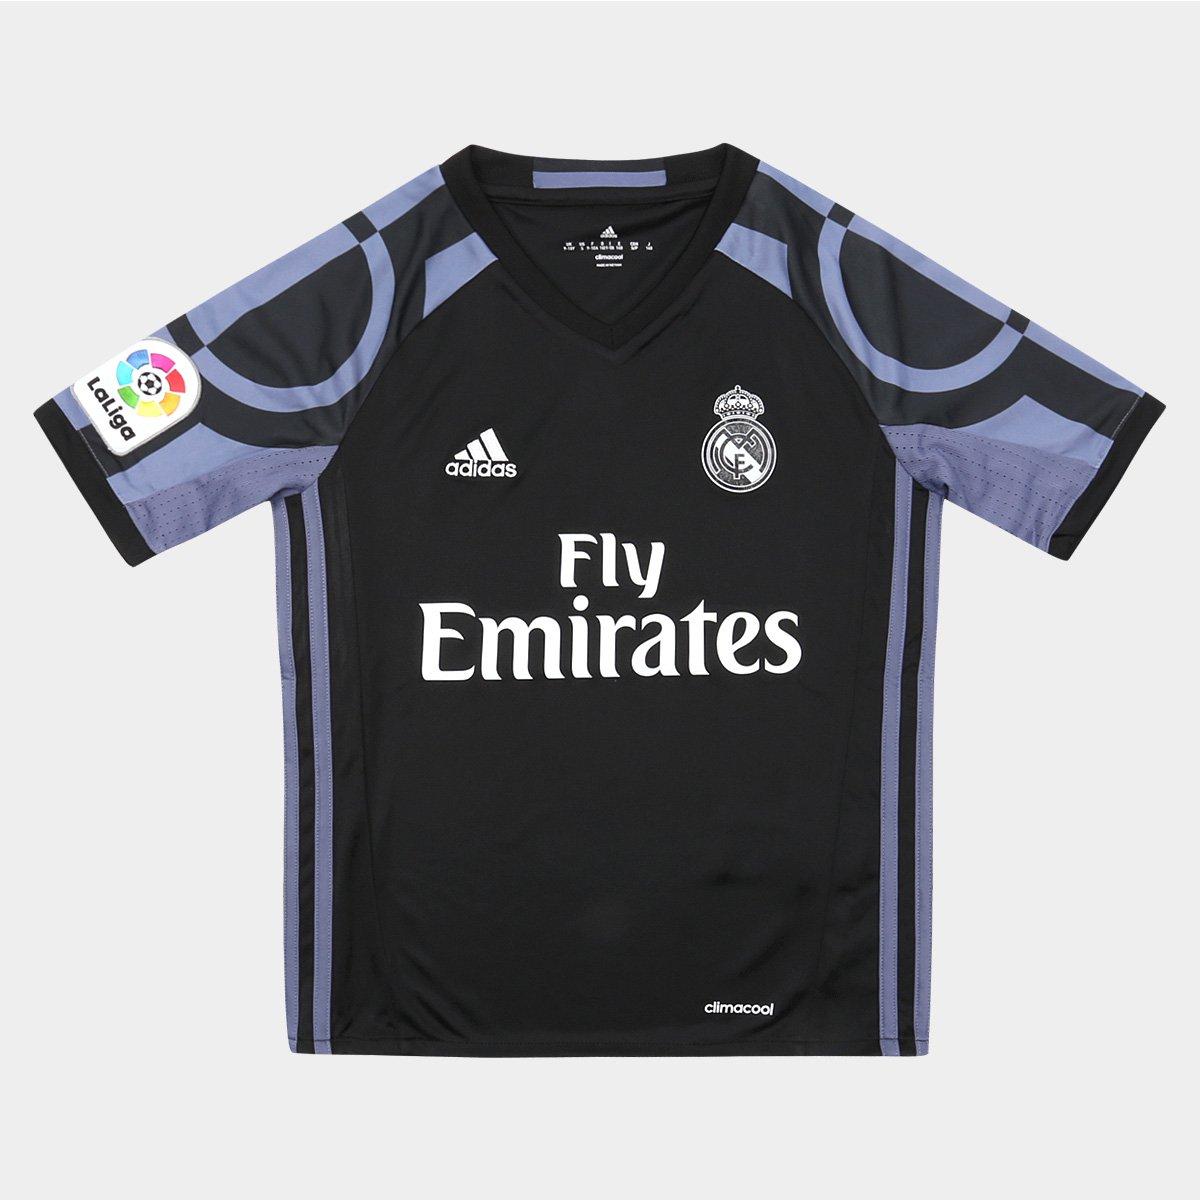 Camisa Real Madrid Infantil Third 16 17 s nº Torcedor Adidas - Compre Agora   02586a5e7215a